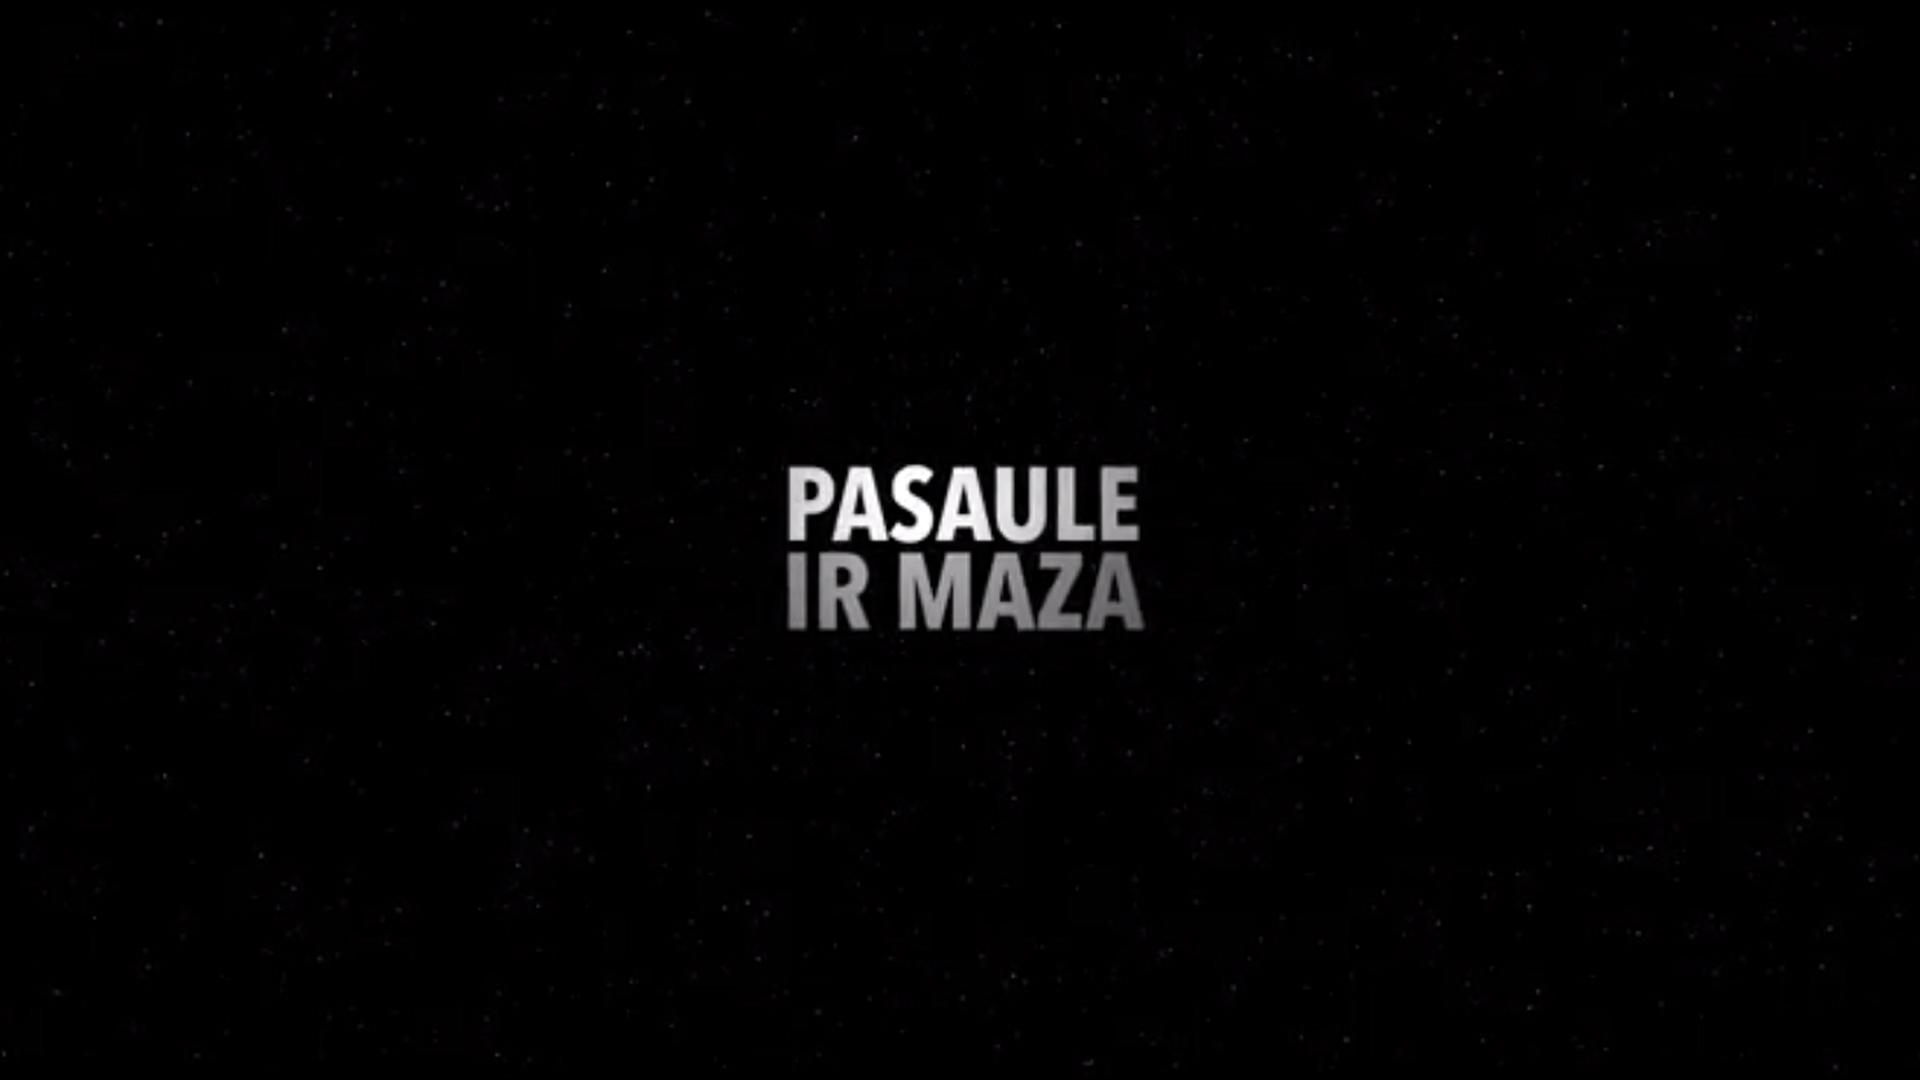 PASAULE IR MAZA